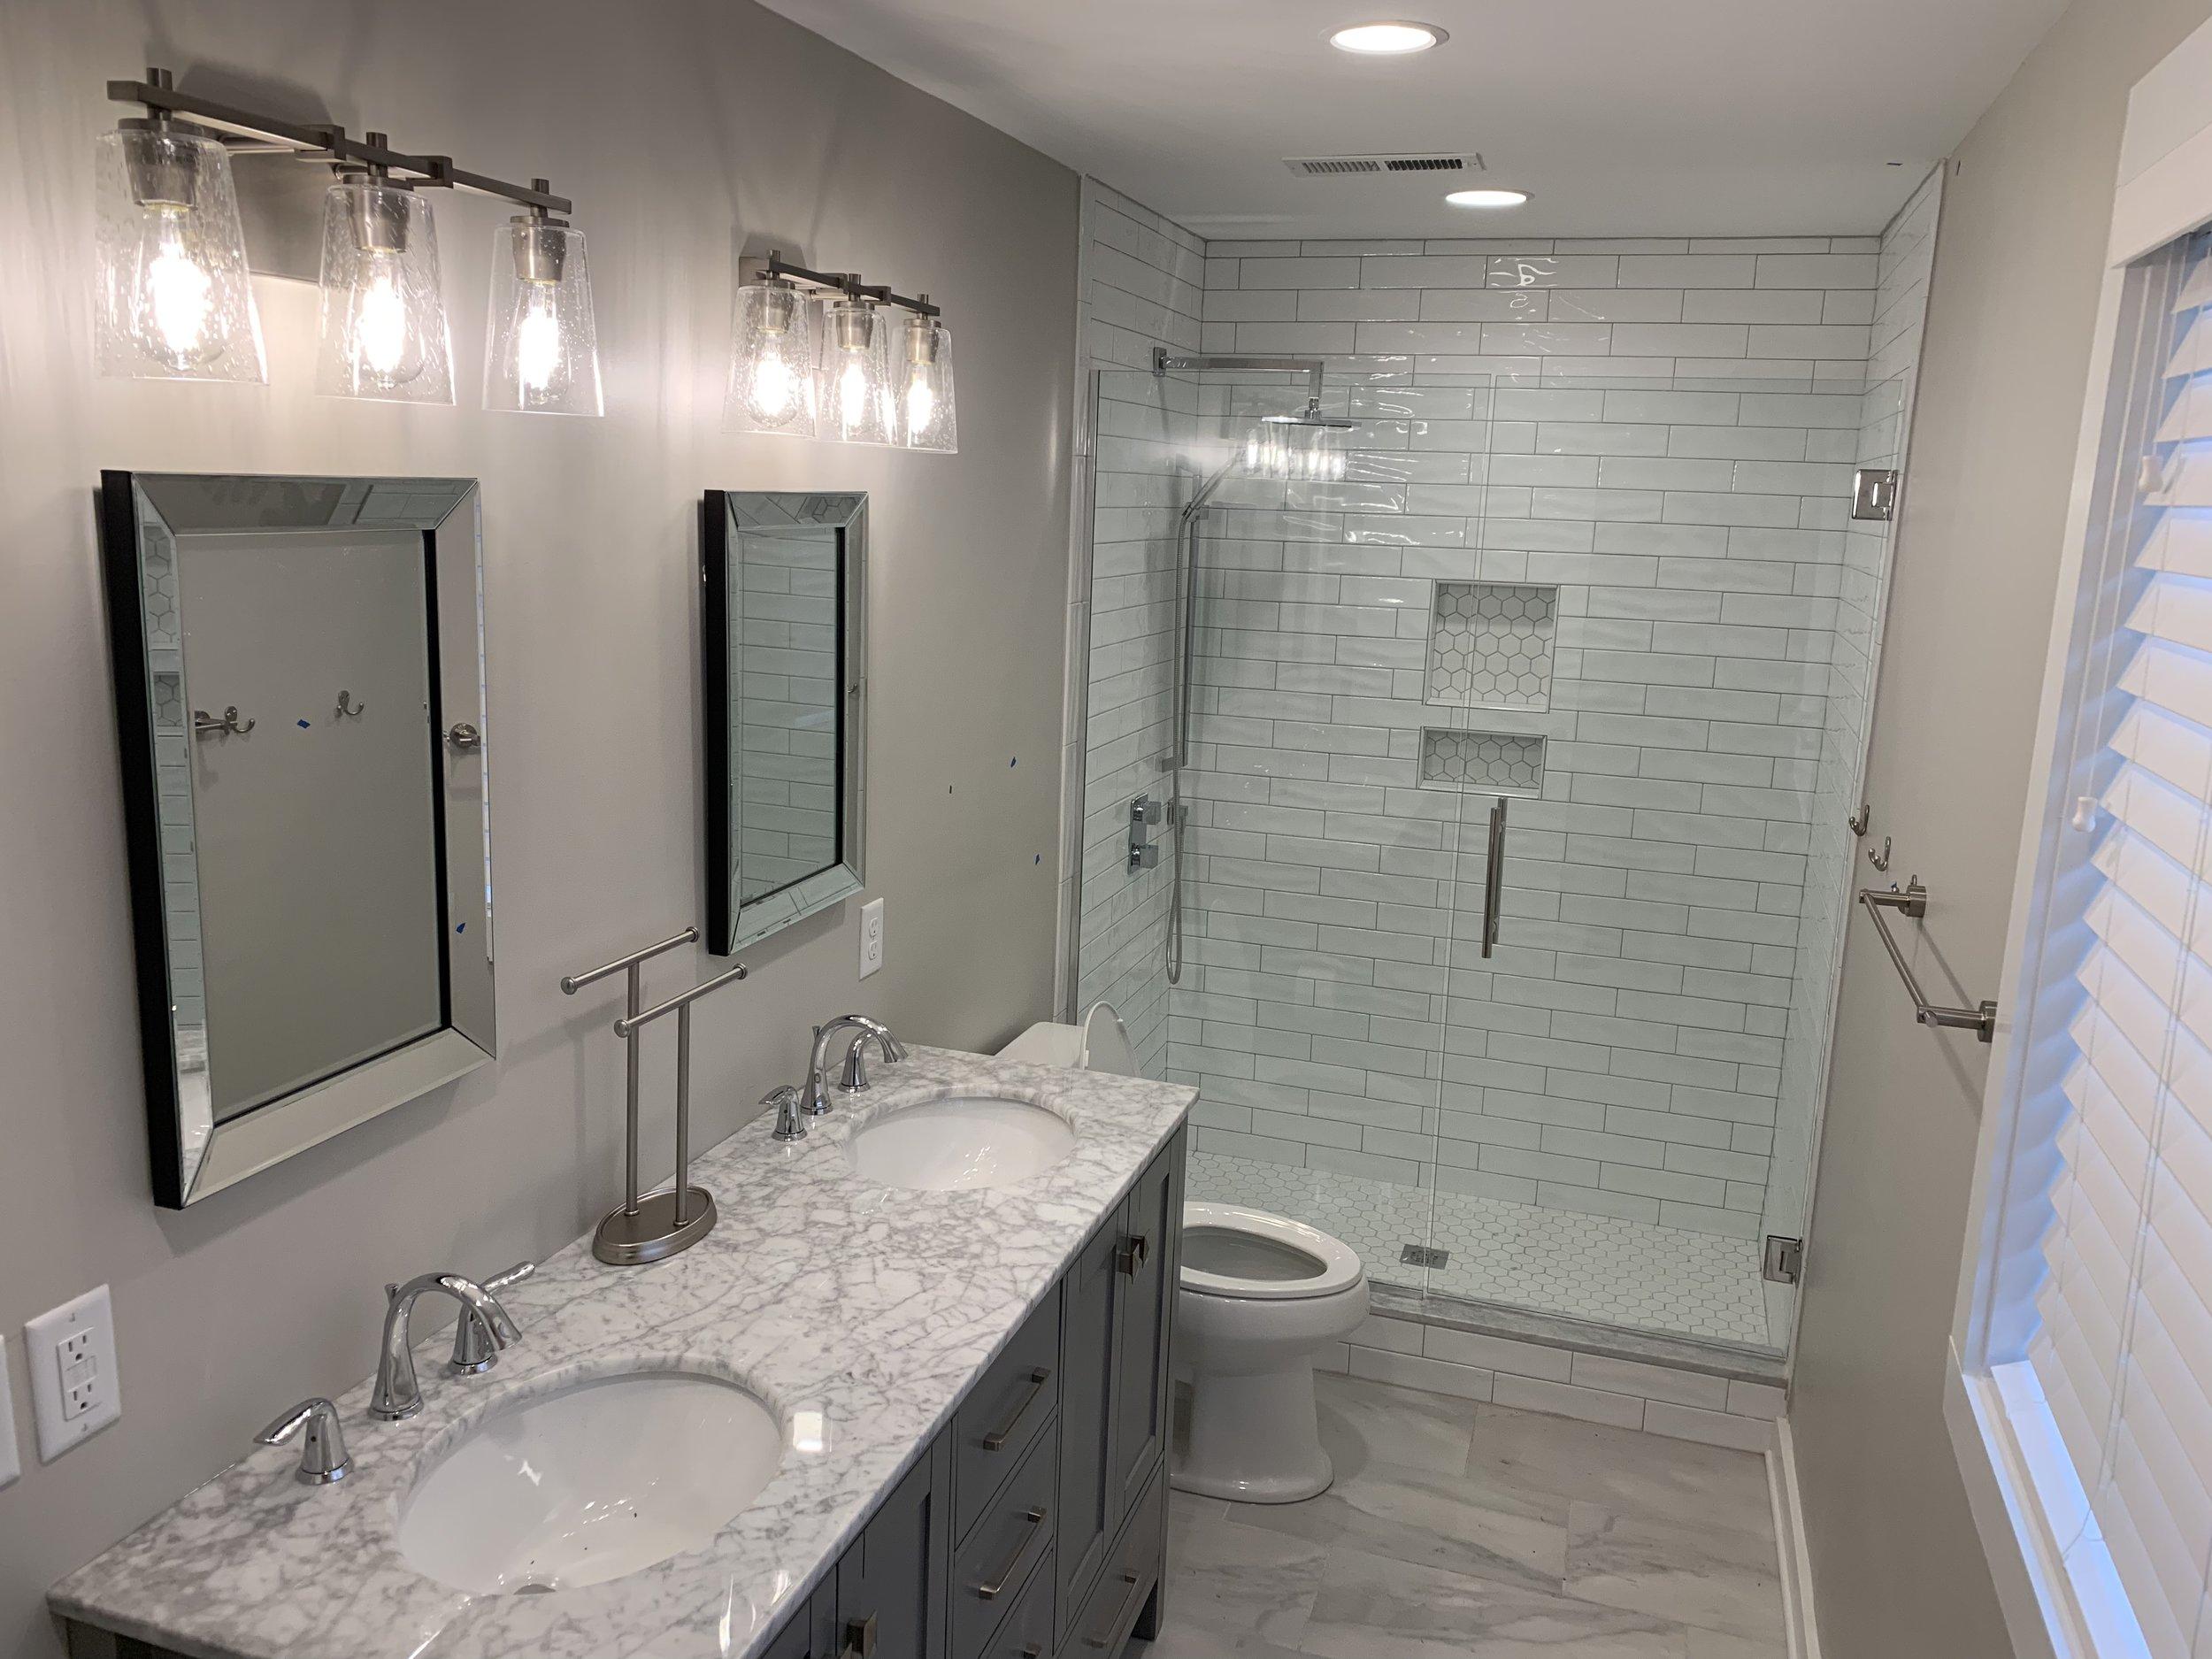 Bathroom Remodel- West Ashley, South Carolina